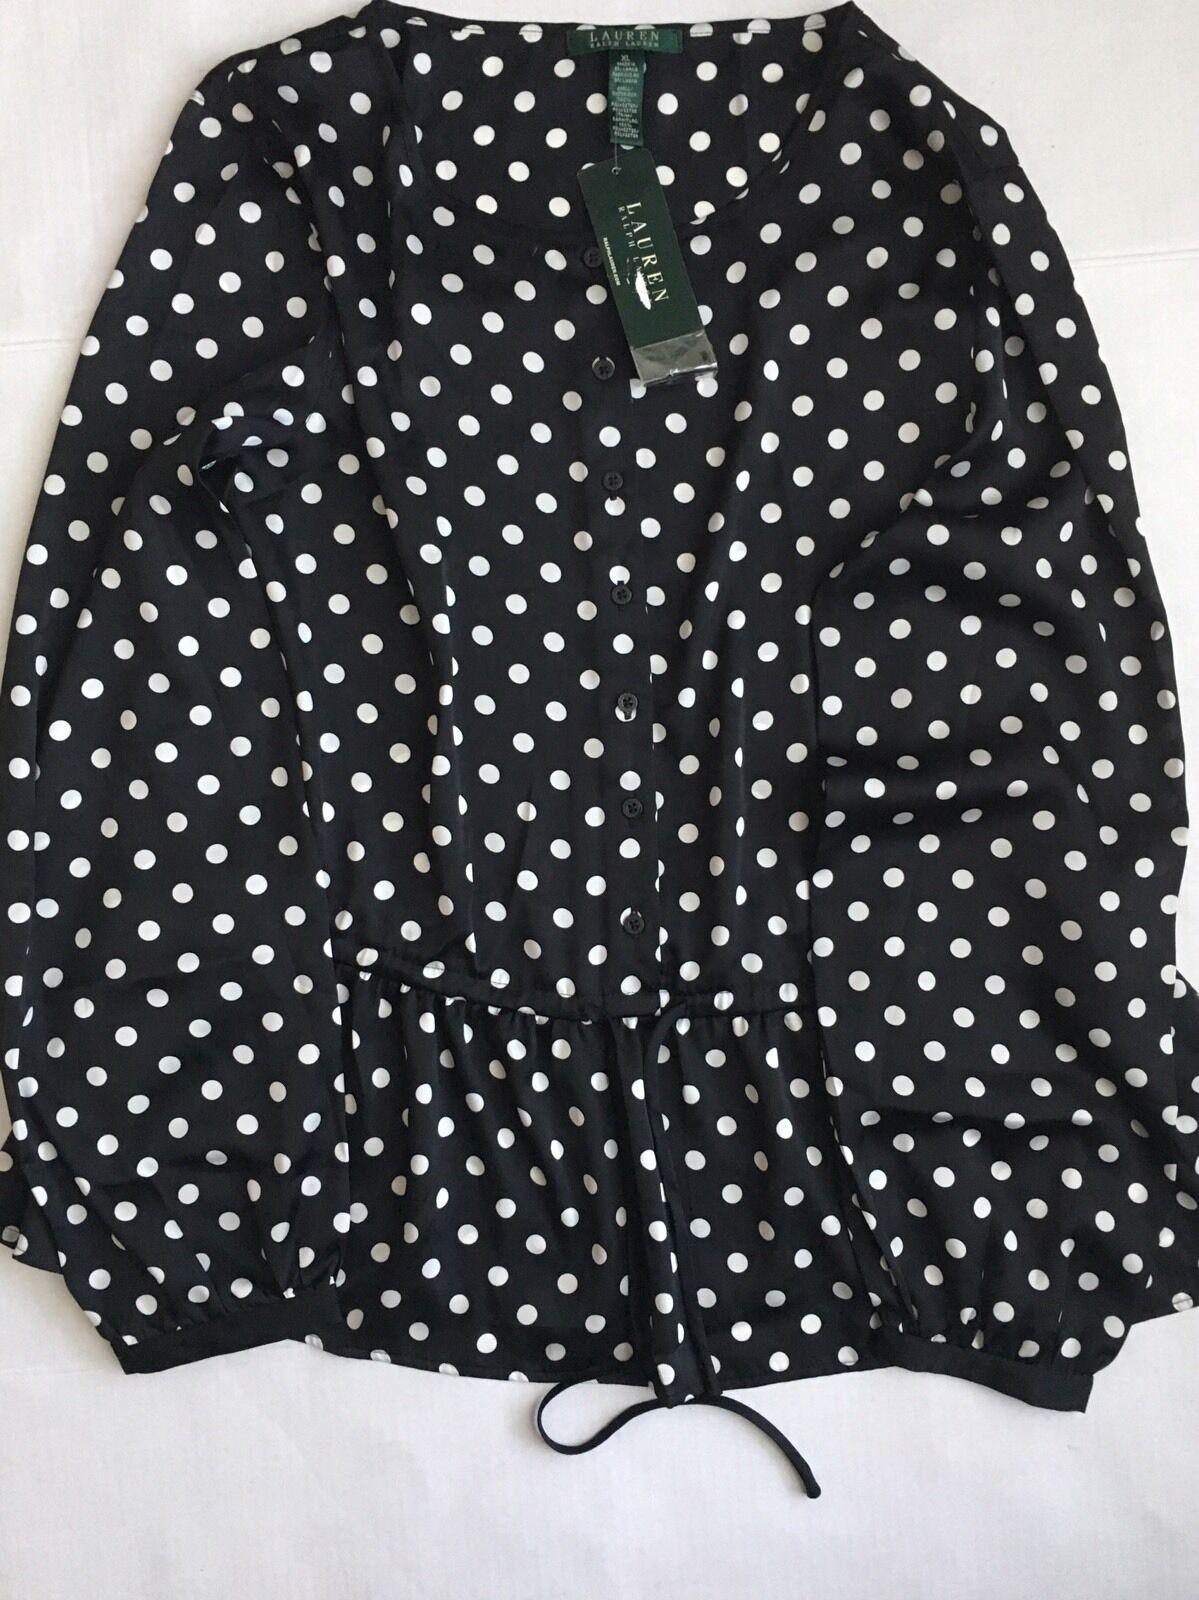 Lauren Ralph Lauren schwarz & Weiß Polka-Dot Long Sleeve Peplum Blouse Sz XL